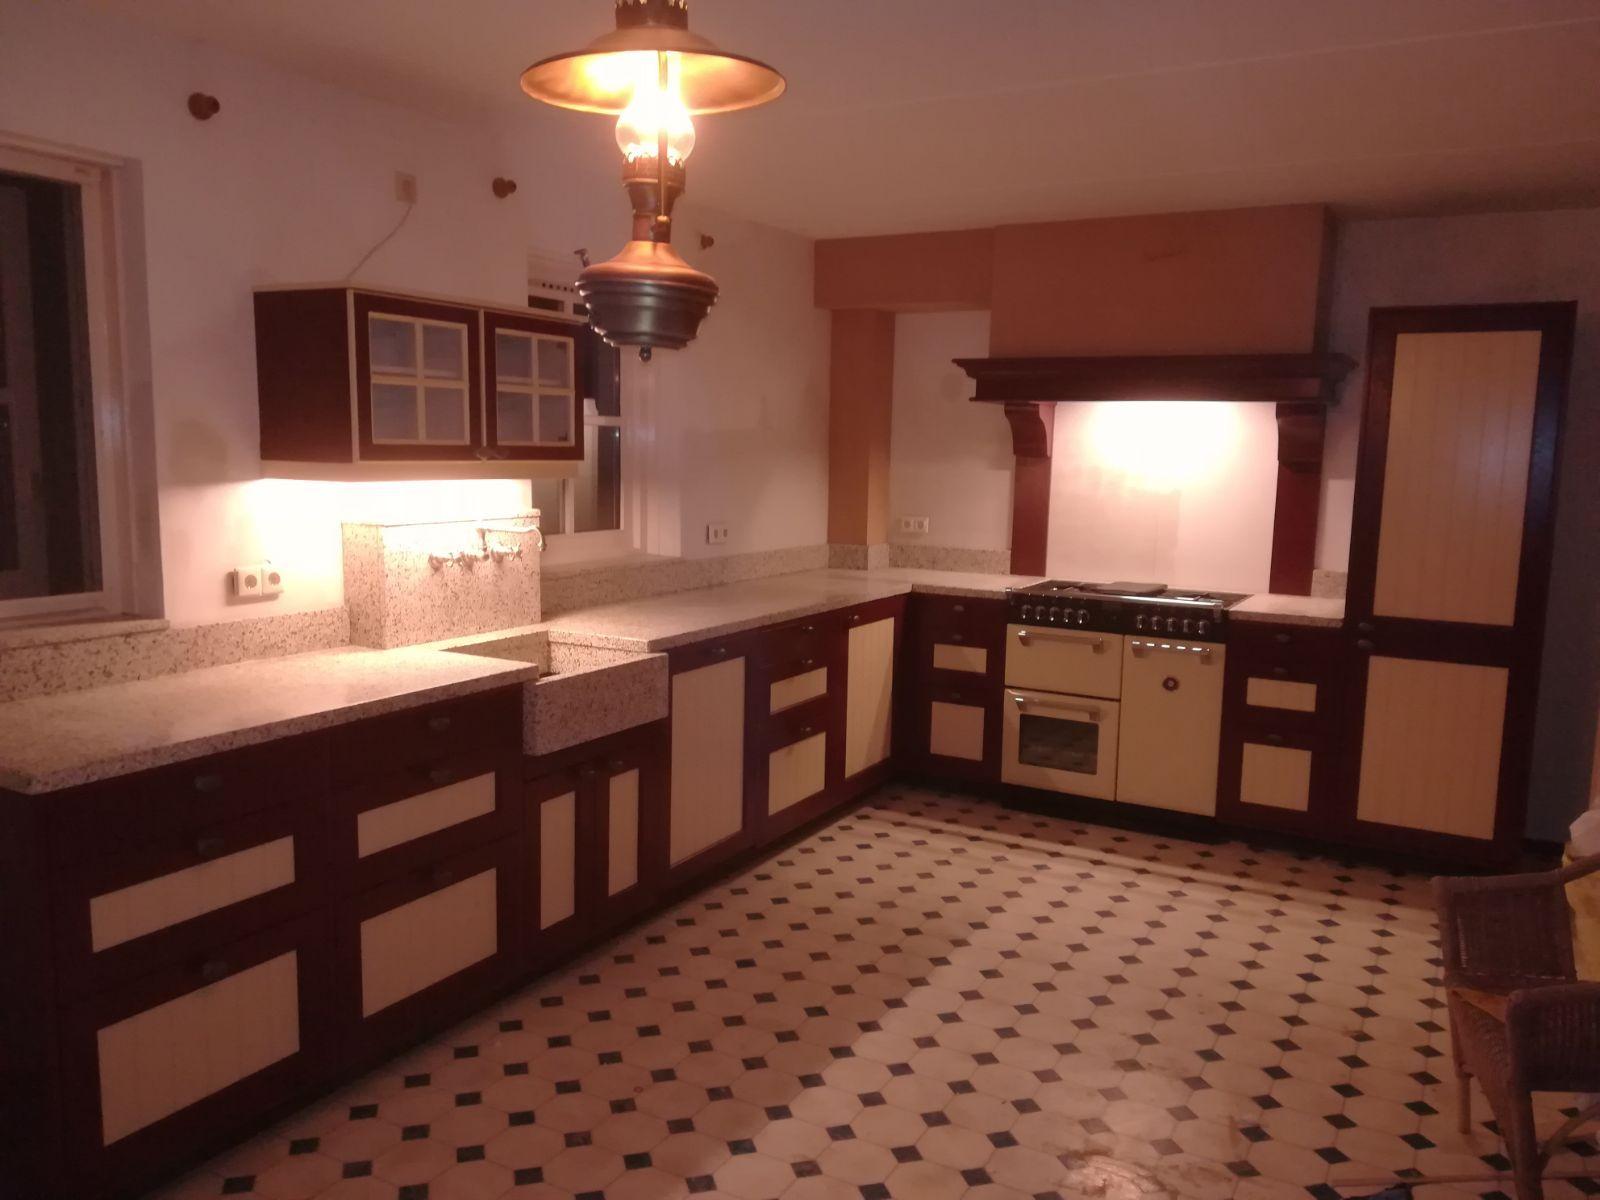 Landelijk Geel Keuken : Klassiek rood gele keuken ambachtelijk terrazzo werkblad